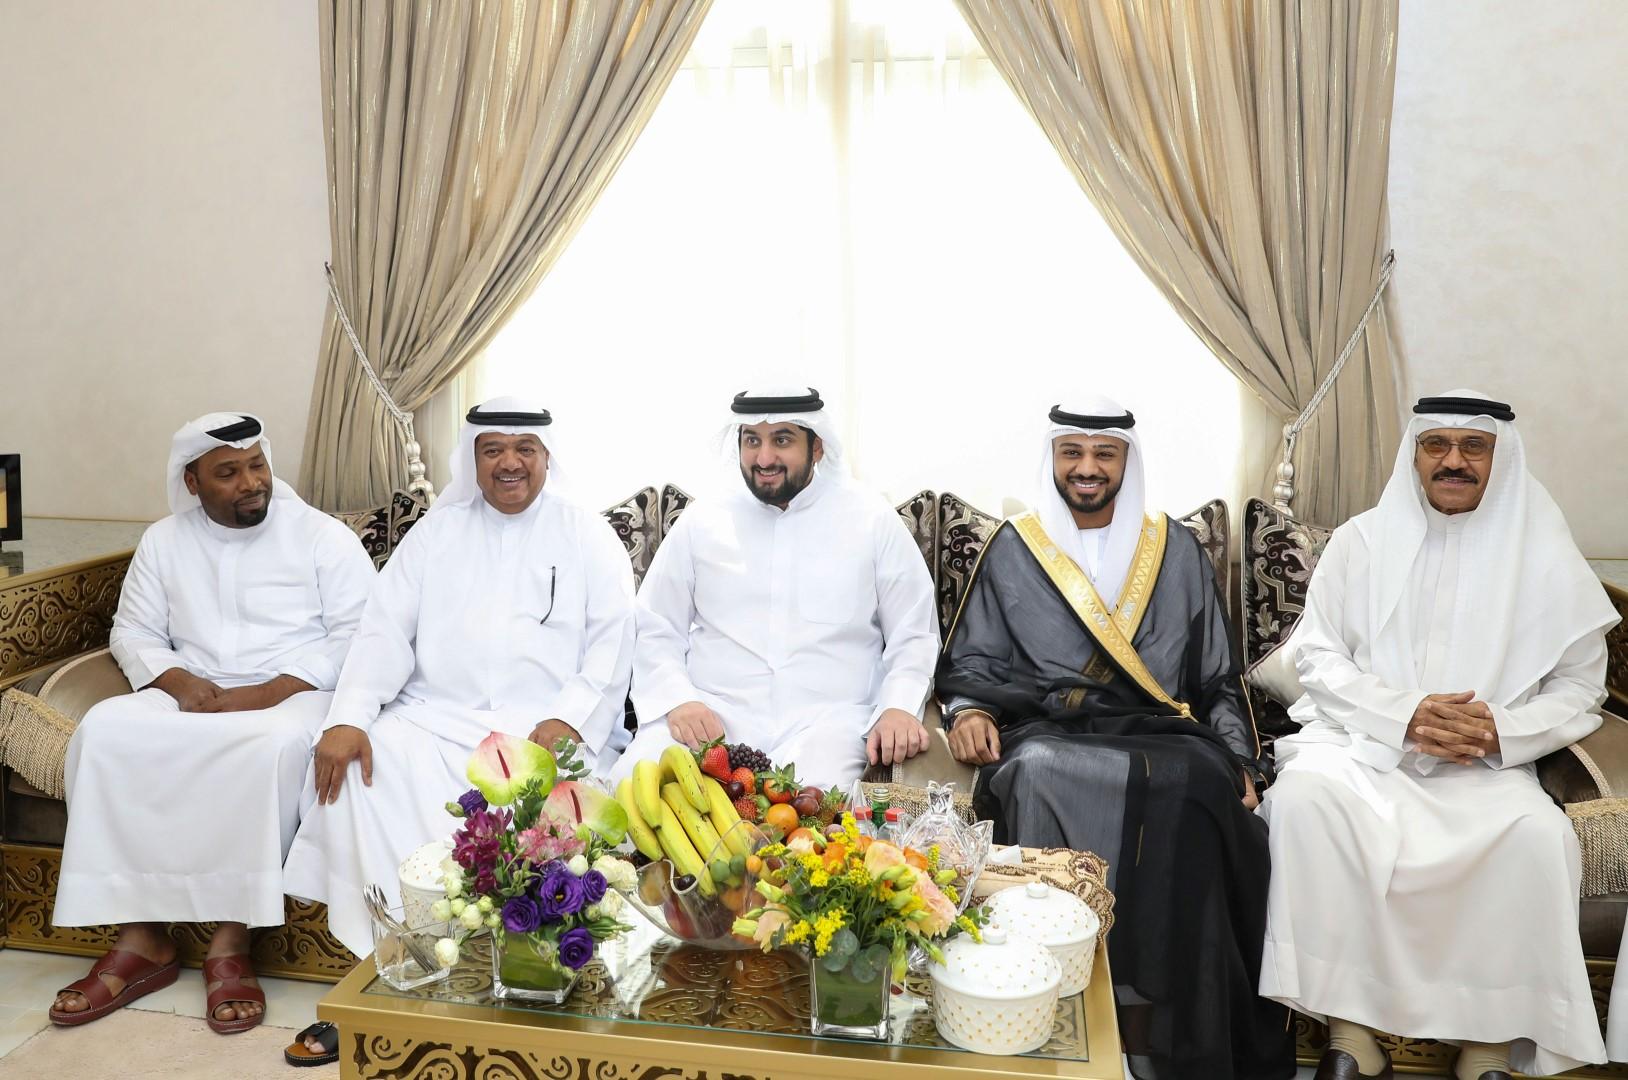 أحمد بن محمد يحضر أفراح لاغر والمهيري في دبي